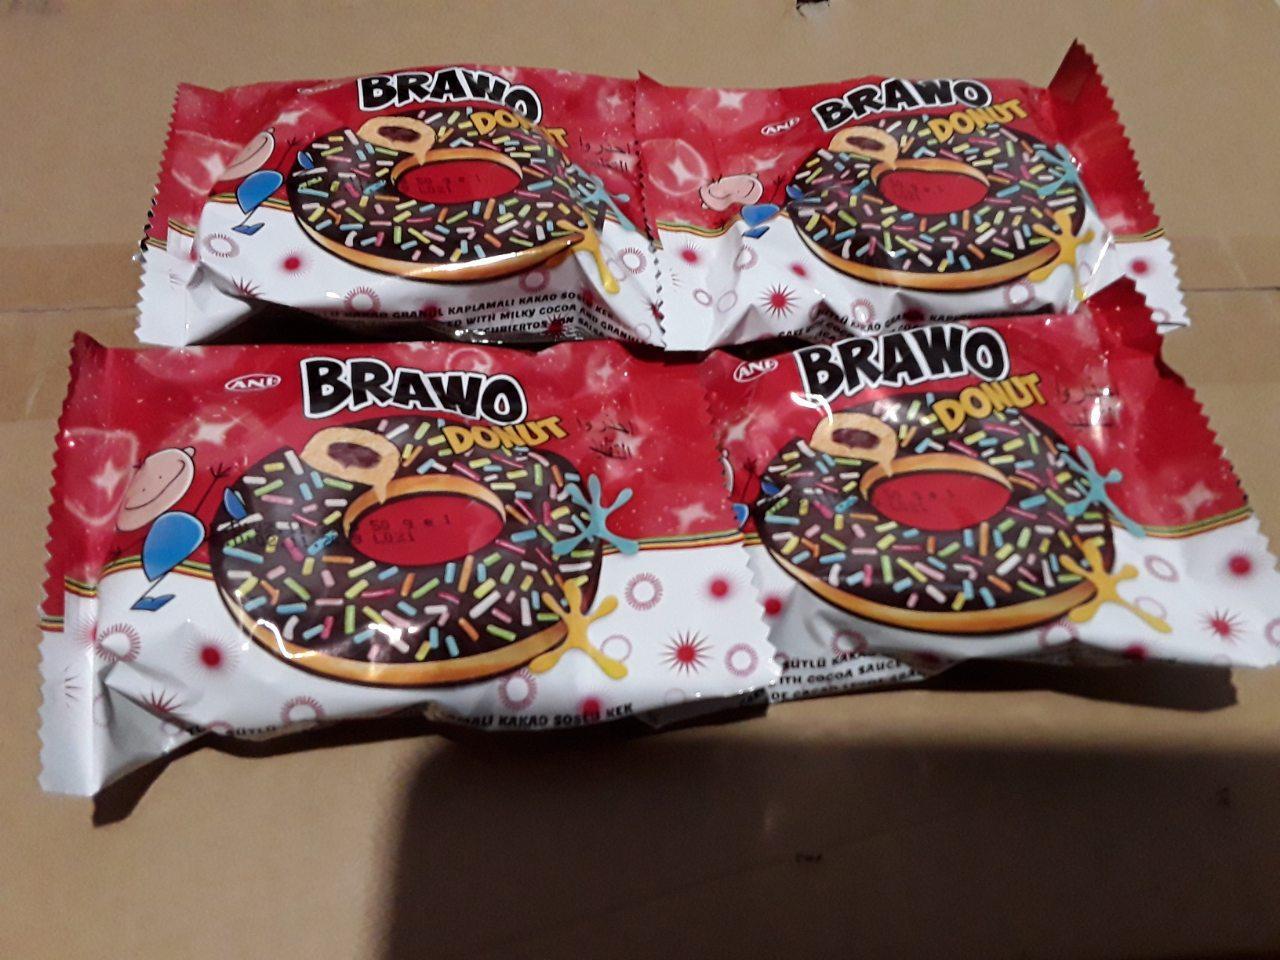 BRAWO бисквитно шоколадный пончик с шоколадом 50 грамм (ТУРЦИЯ)